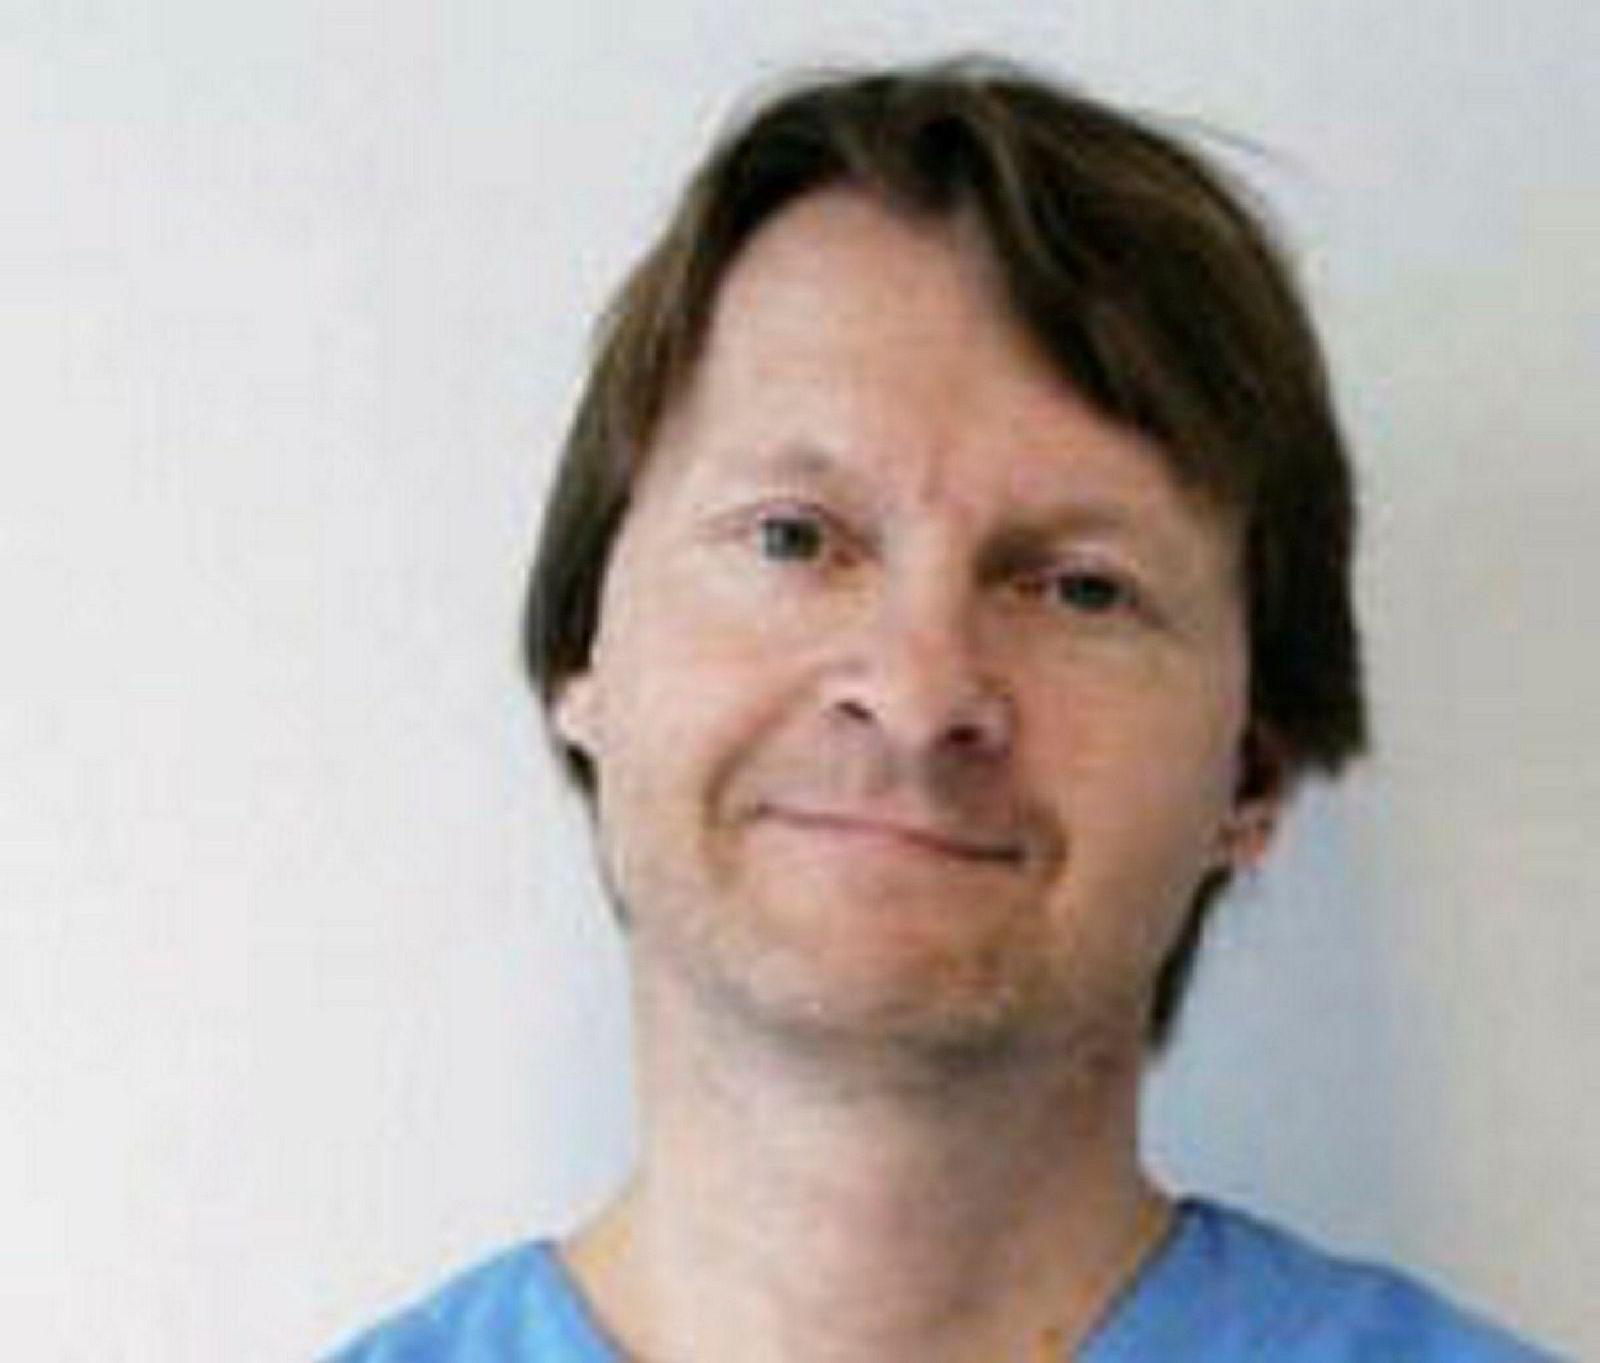 Øyelege og investor Ole Morten Halvorsen hadde i fjor en skattelignet inntekt på 377,4 millioner kroner, mens formuen i ligningen var på 771,8 millioner kroner.